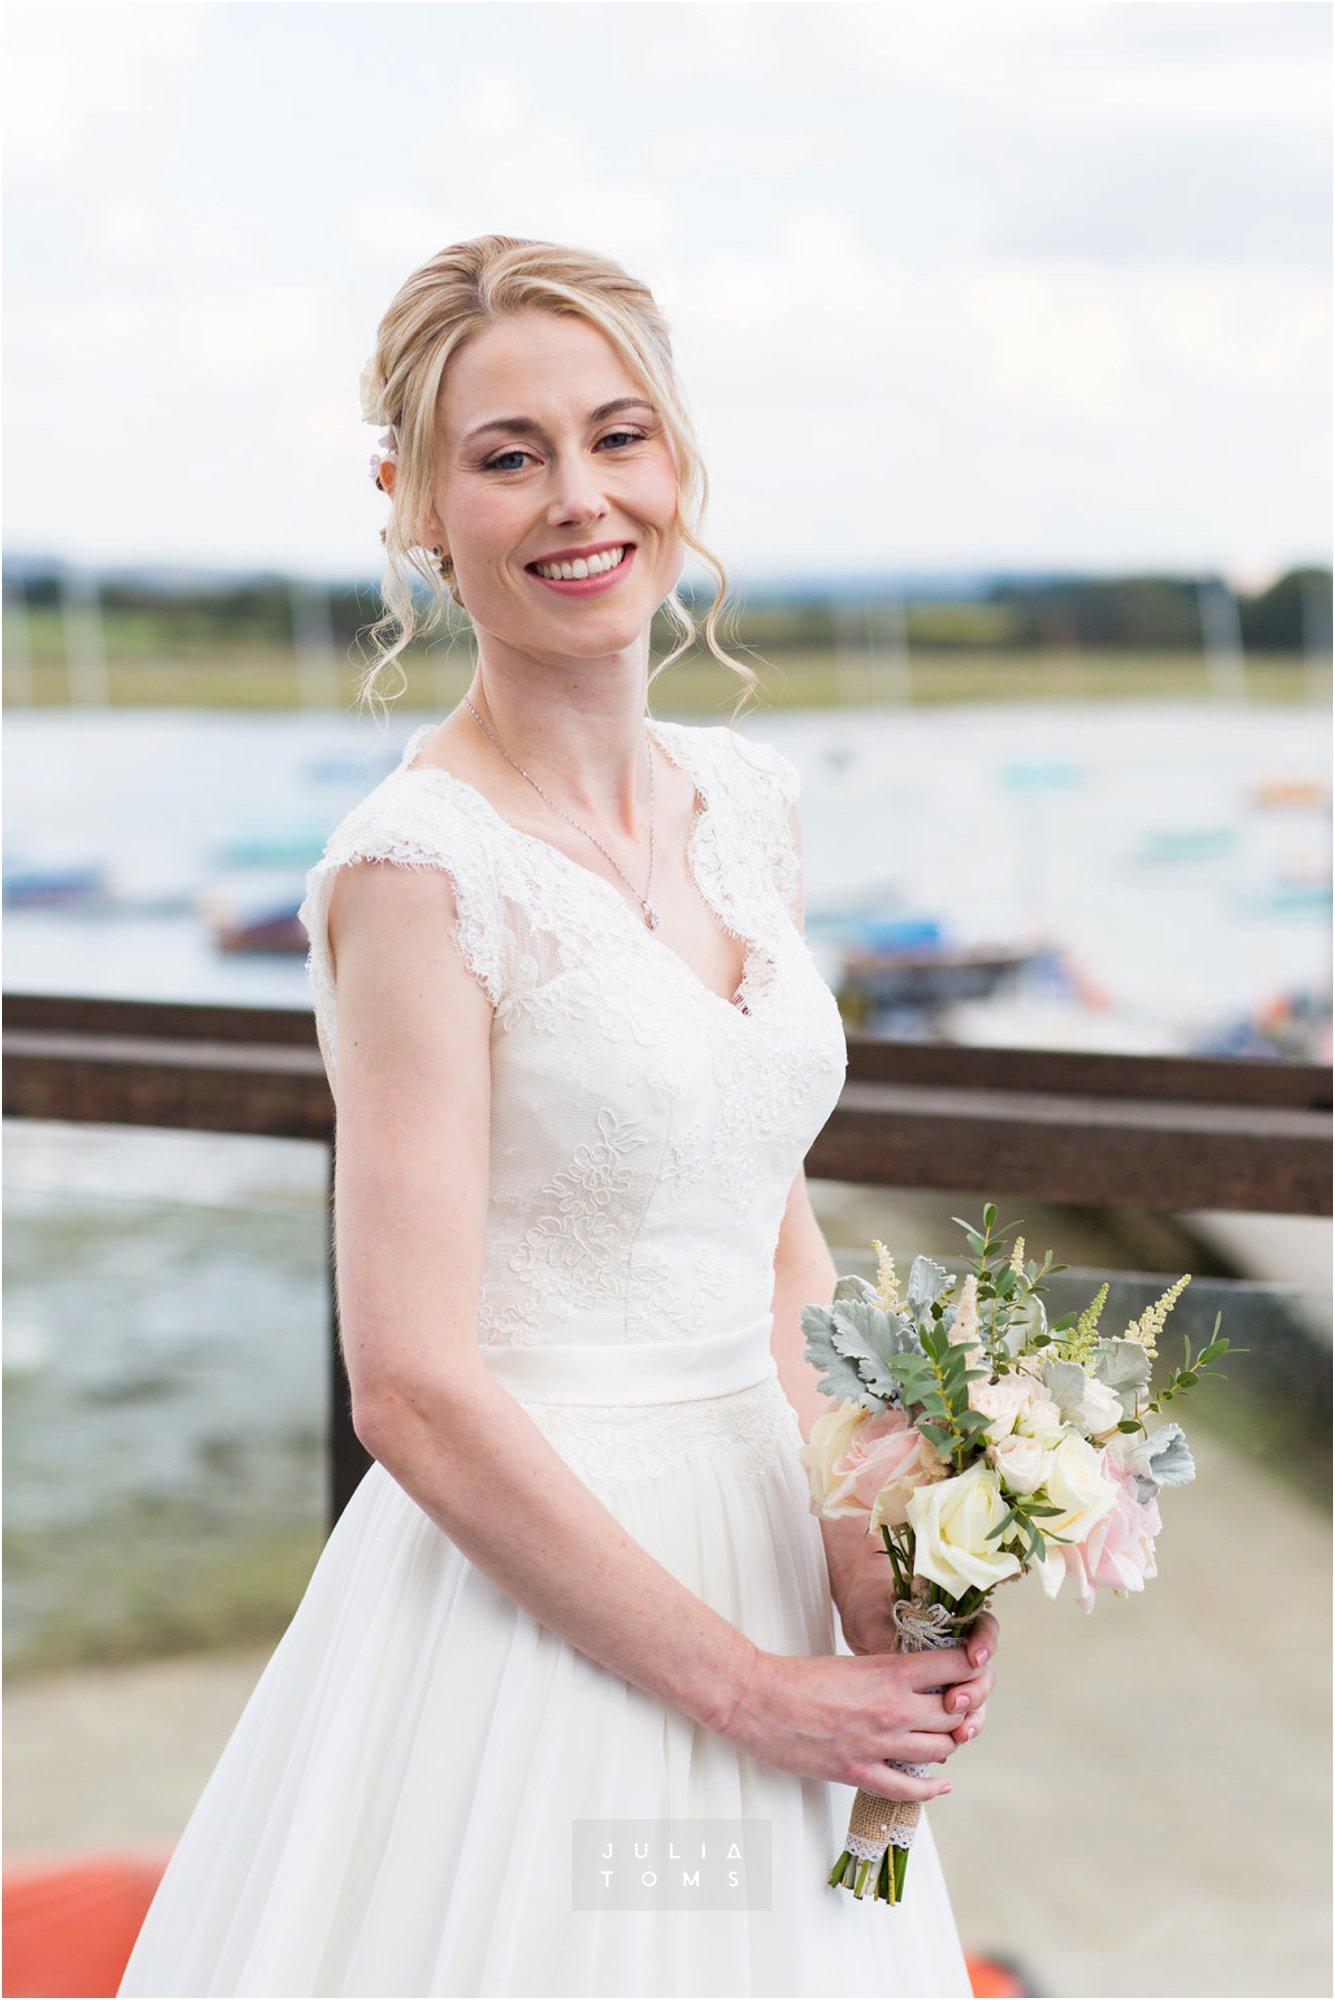 itchenor_wedding_chichester_photographer_007.jpg